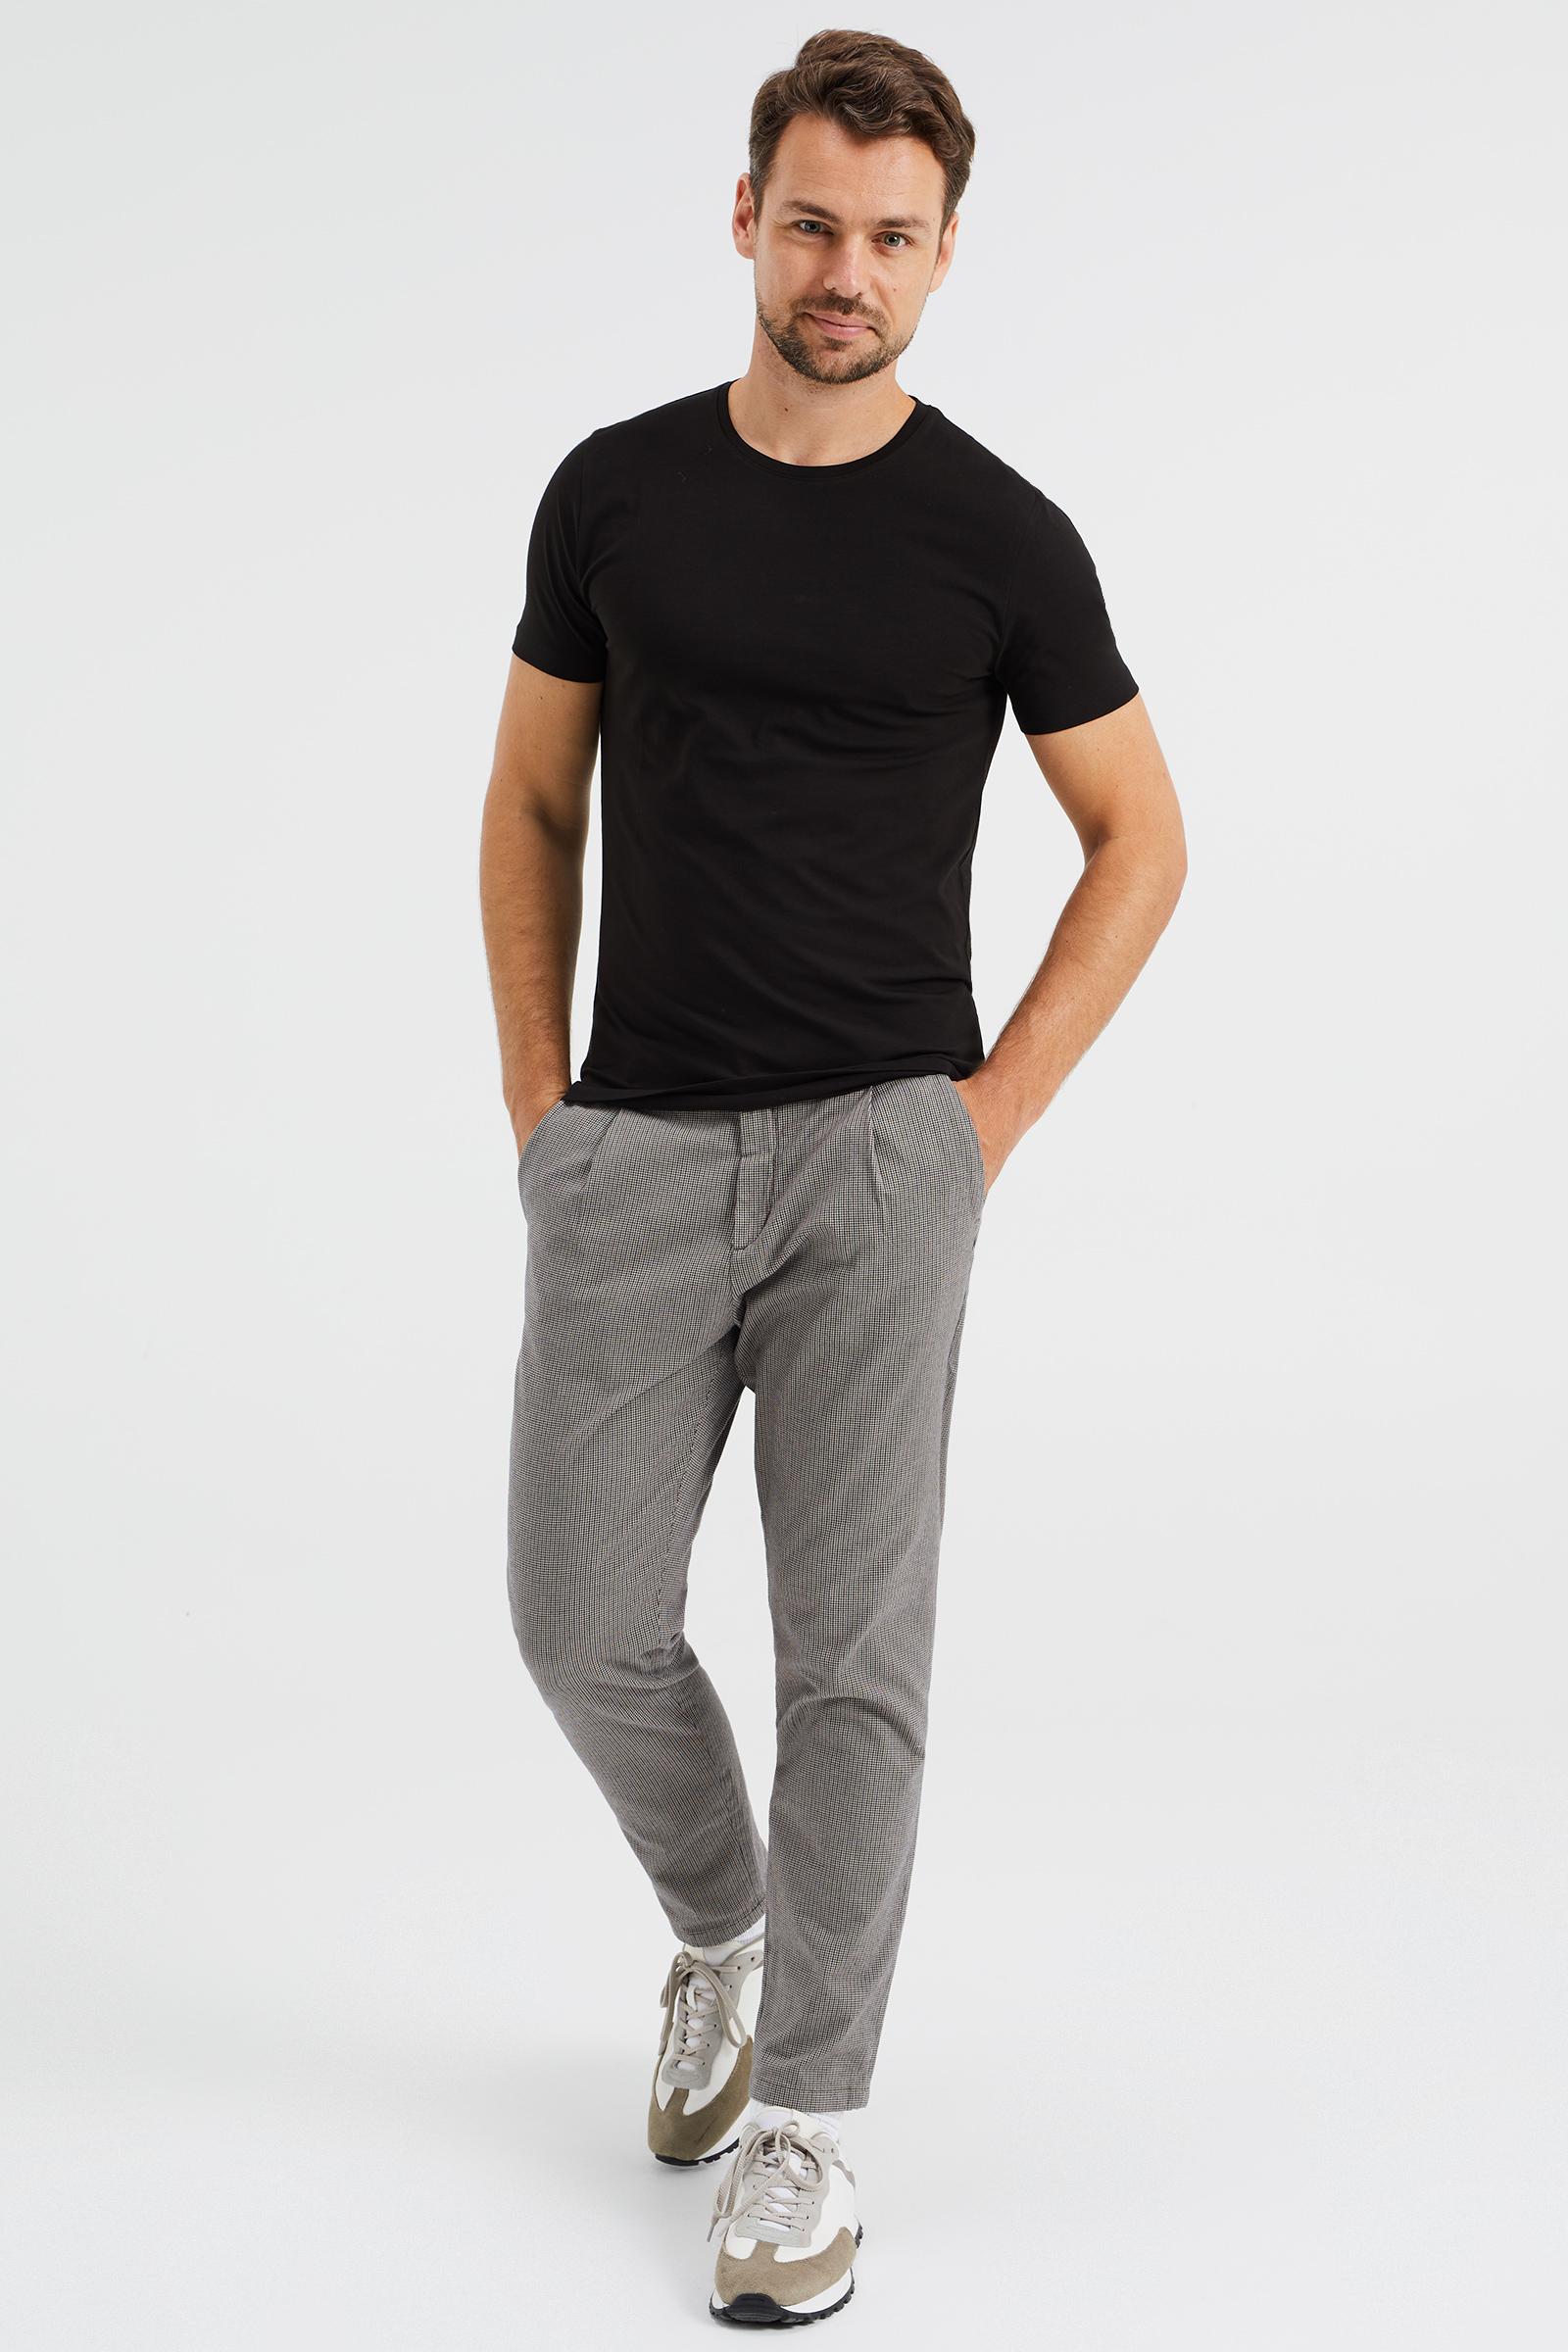 herren t shirt 75755362 we fashion. Black Bedroom Furniture Sets. Home Design Ideas